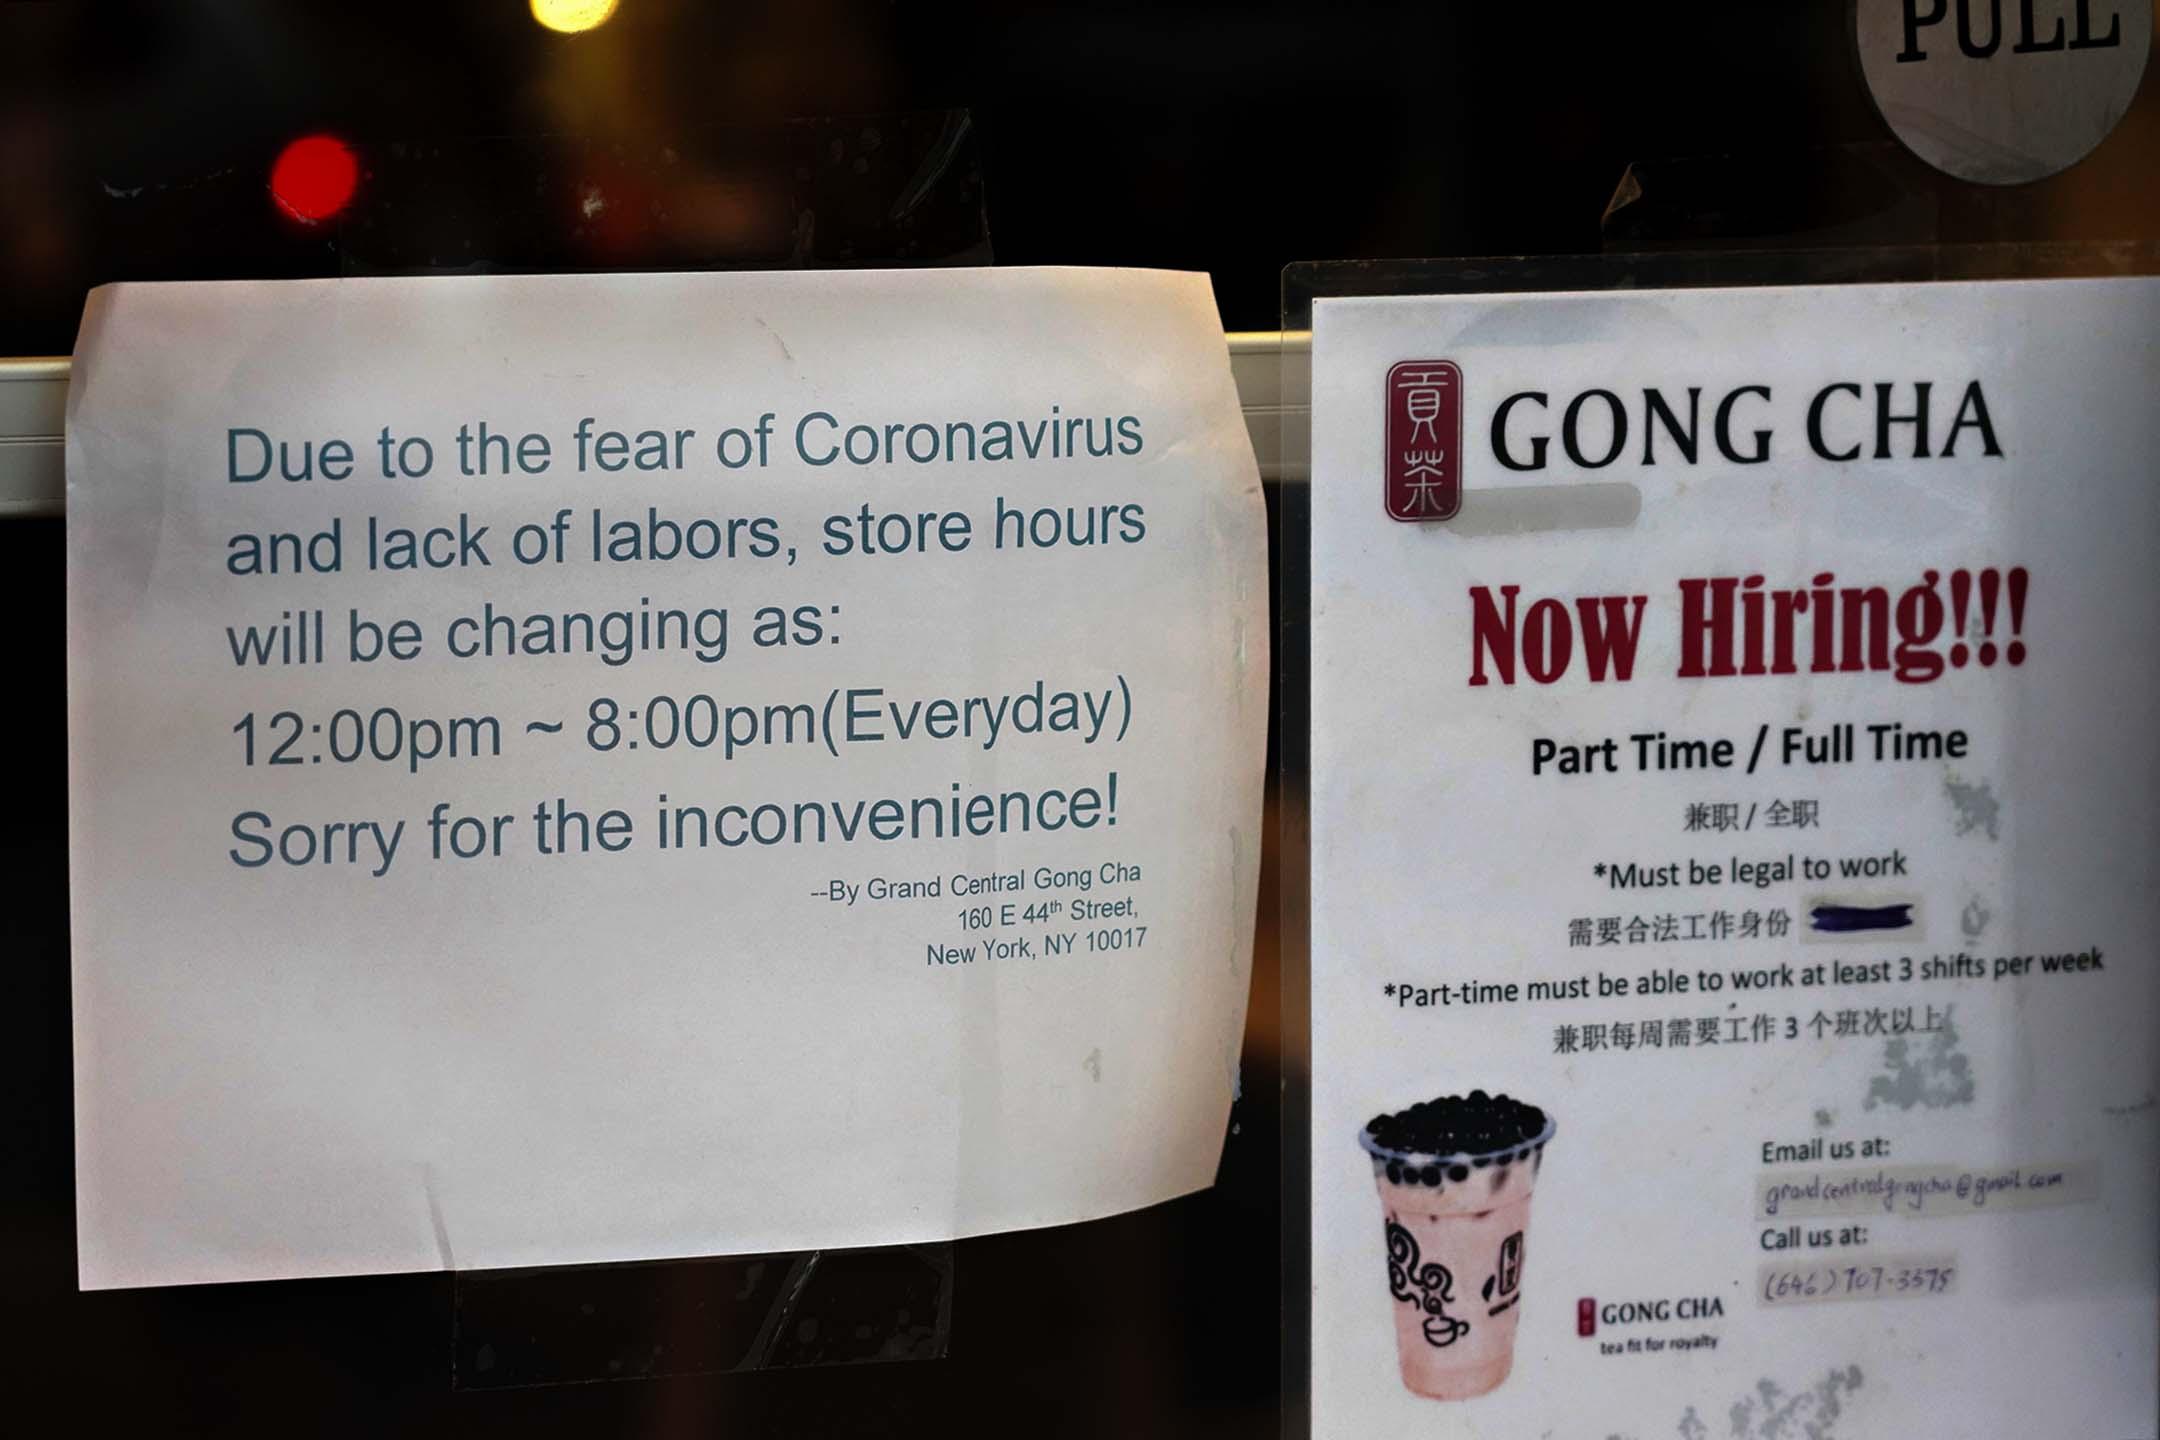 2020年3月16日美國紐約市,貢茶的窗戶上張貼了2019冠狀病毒的告示。